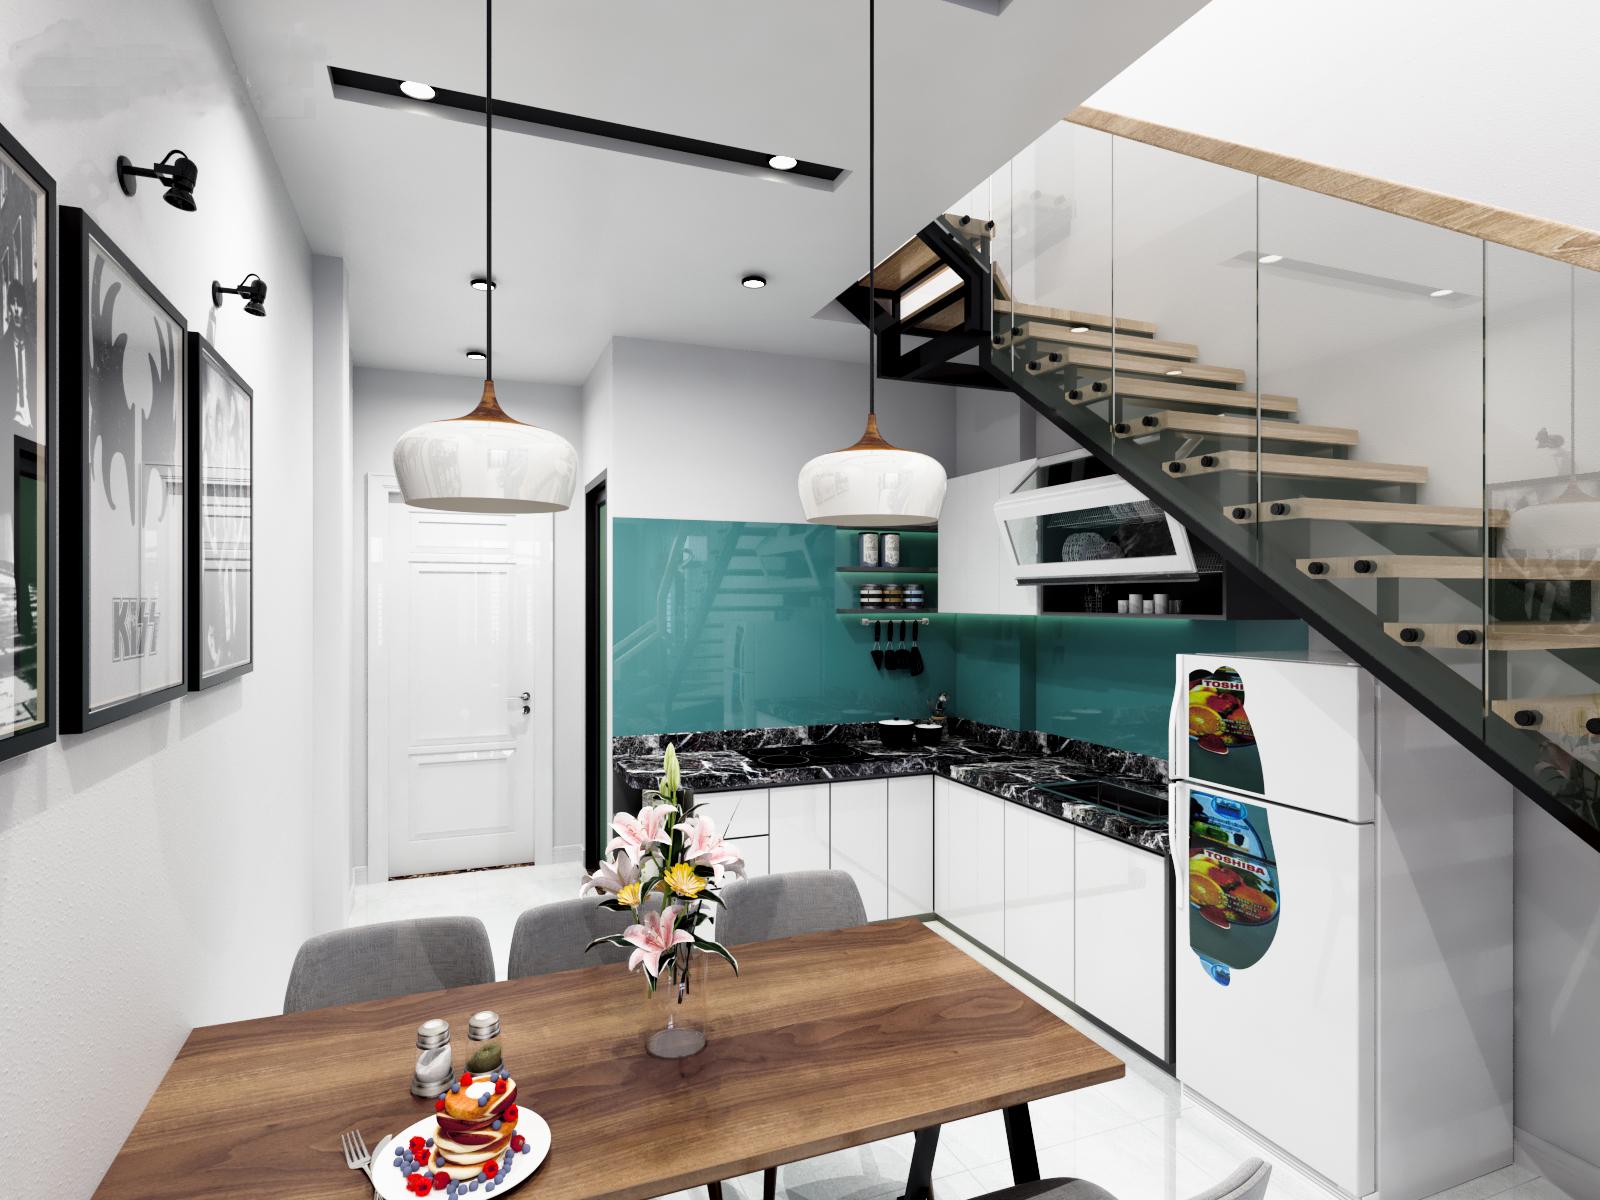 Thiết kế tủ bếp chữ L tận dụng không gian trong nhà chật